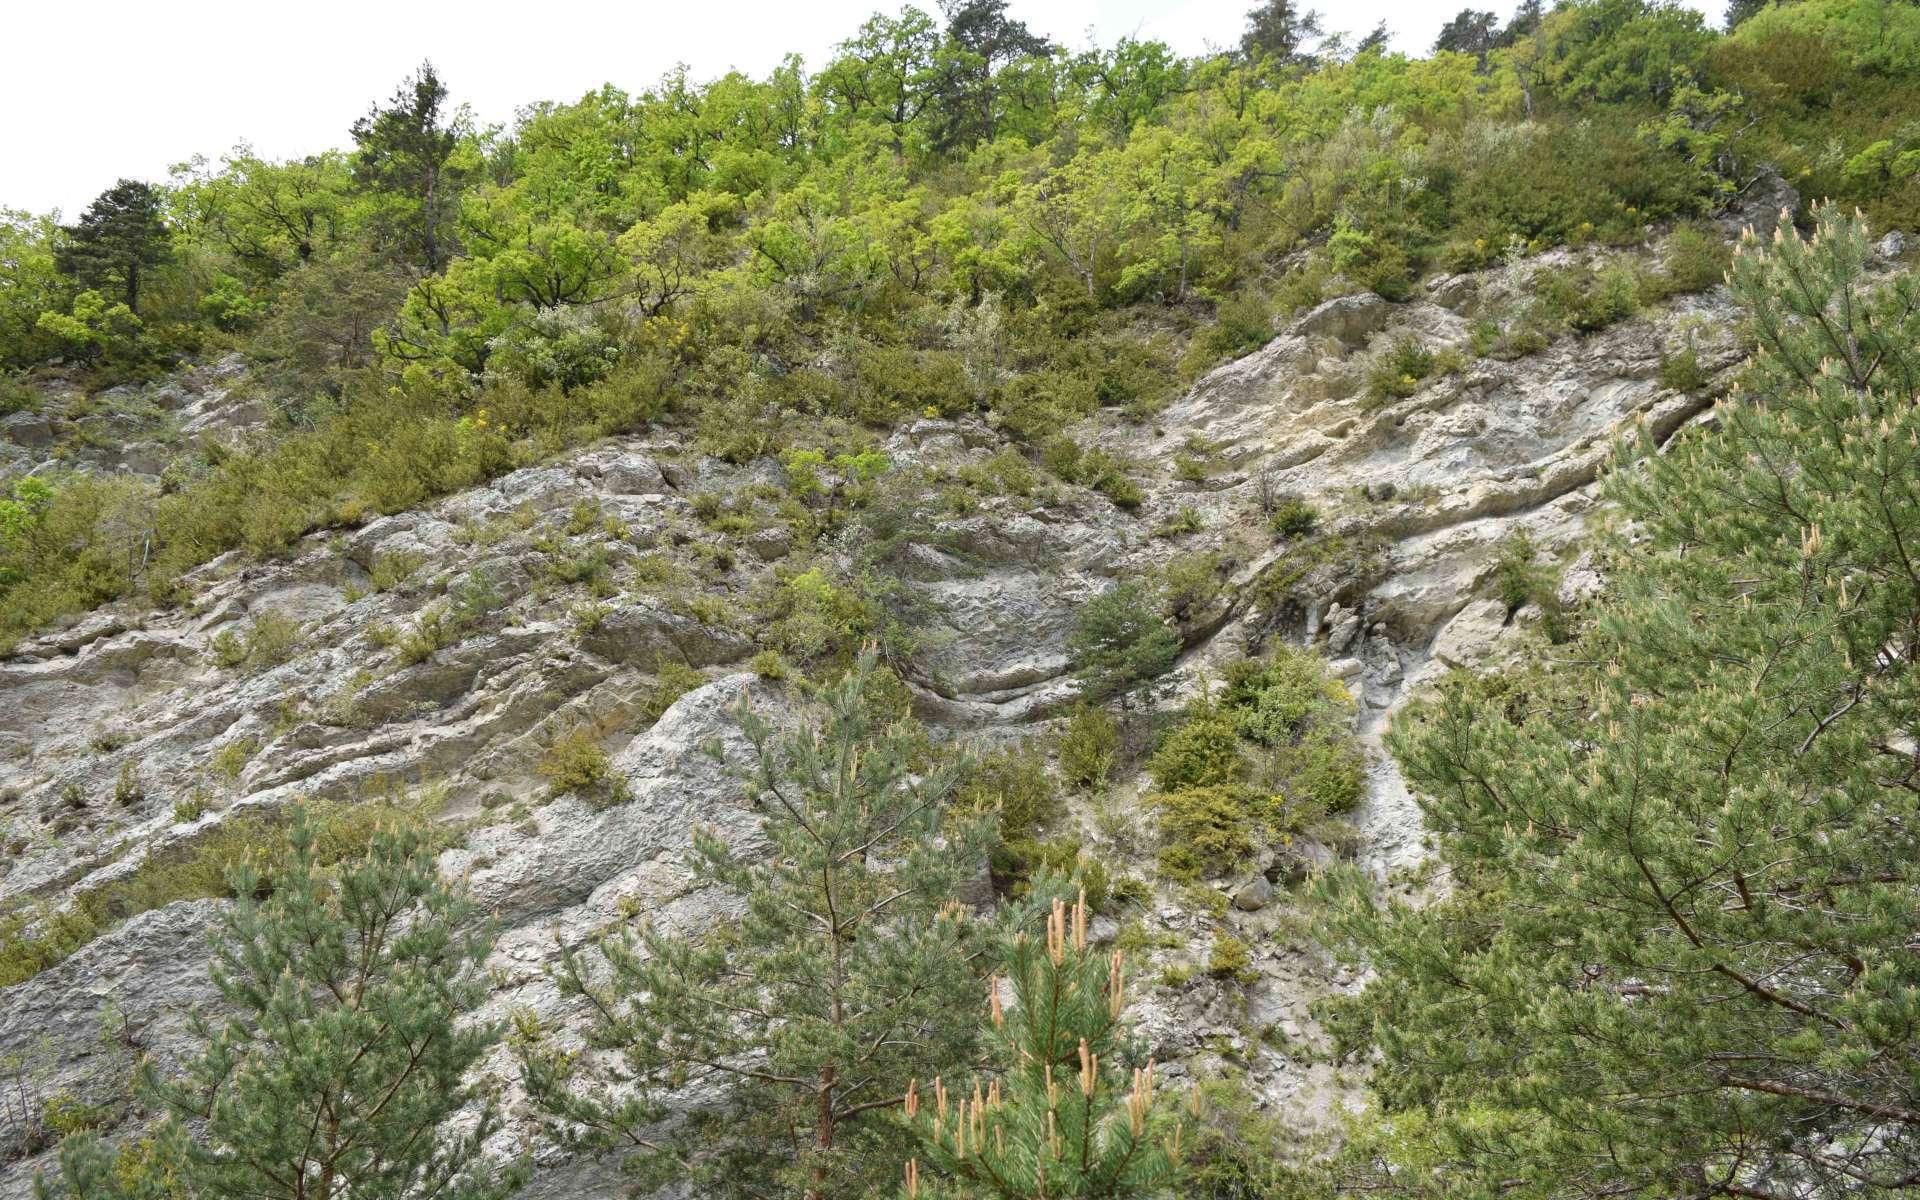 Tuf calcaire de l'Epine (Crédits : Sabine Meneut)